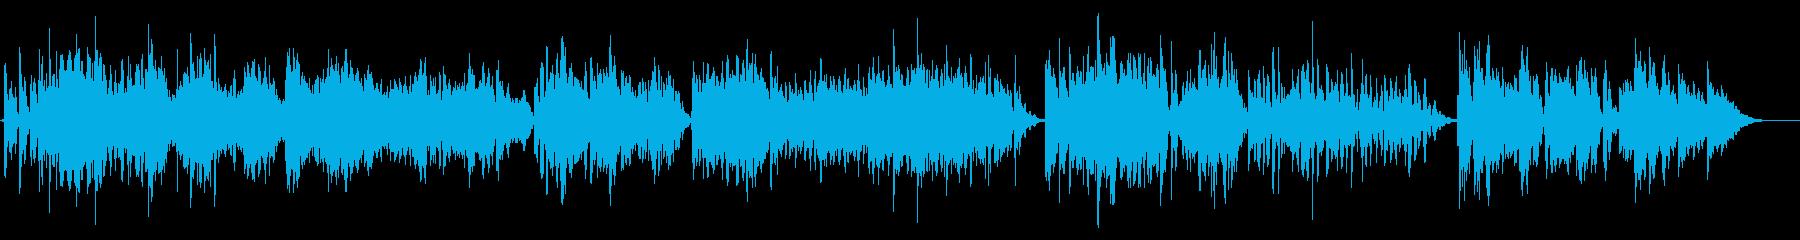 爽やかな朝のエレピ&フルート風3分23秒の再生済みの波形